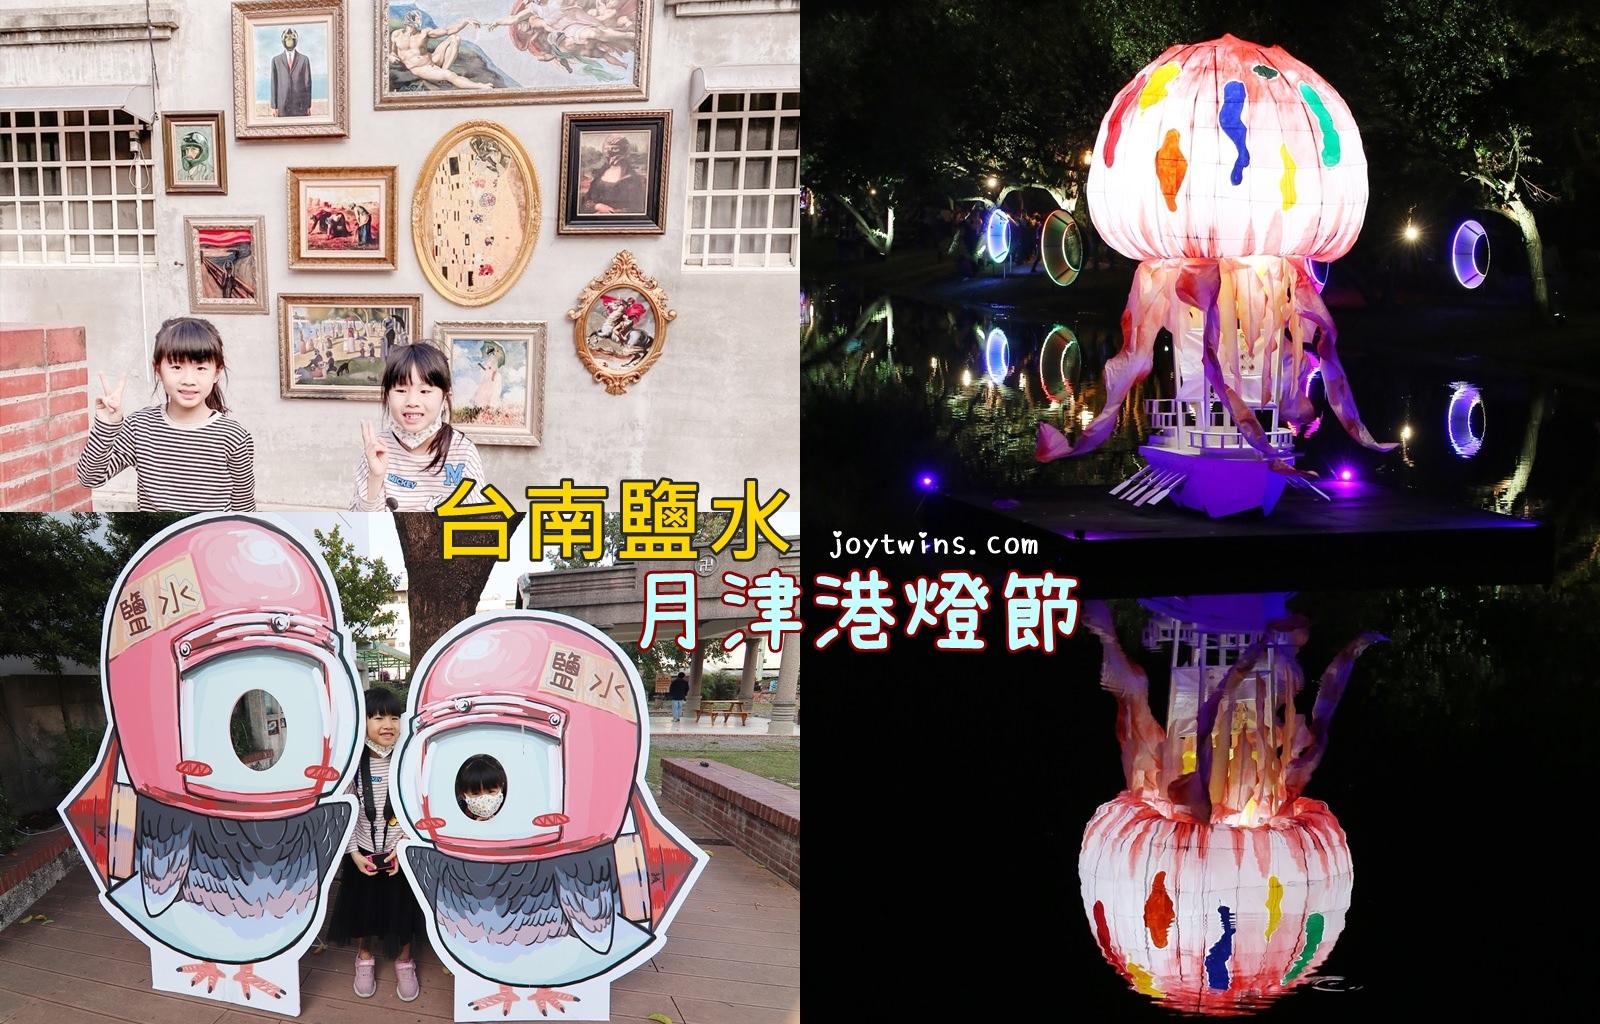 【台南旅遊】鹽水 月津港燈節 月之美術館 走春好處去 (展覽懶人包攻略)